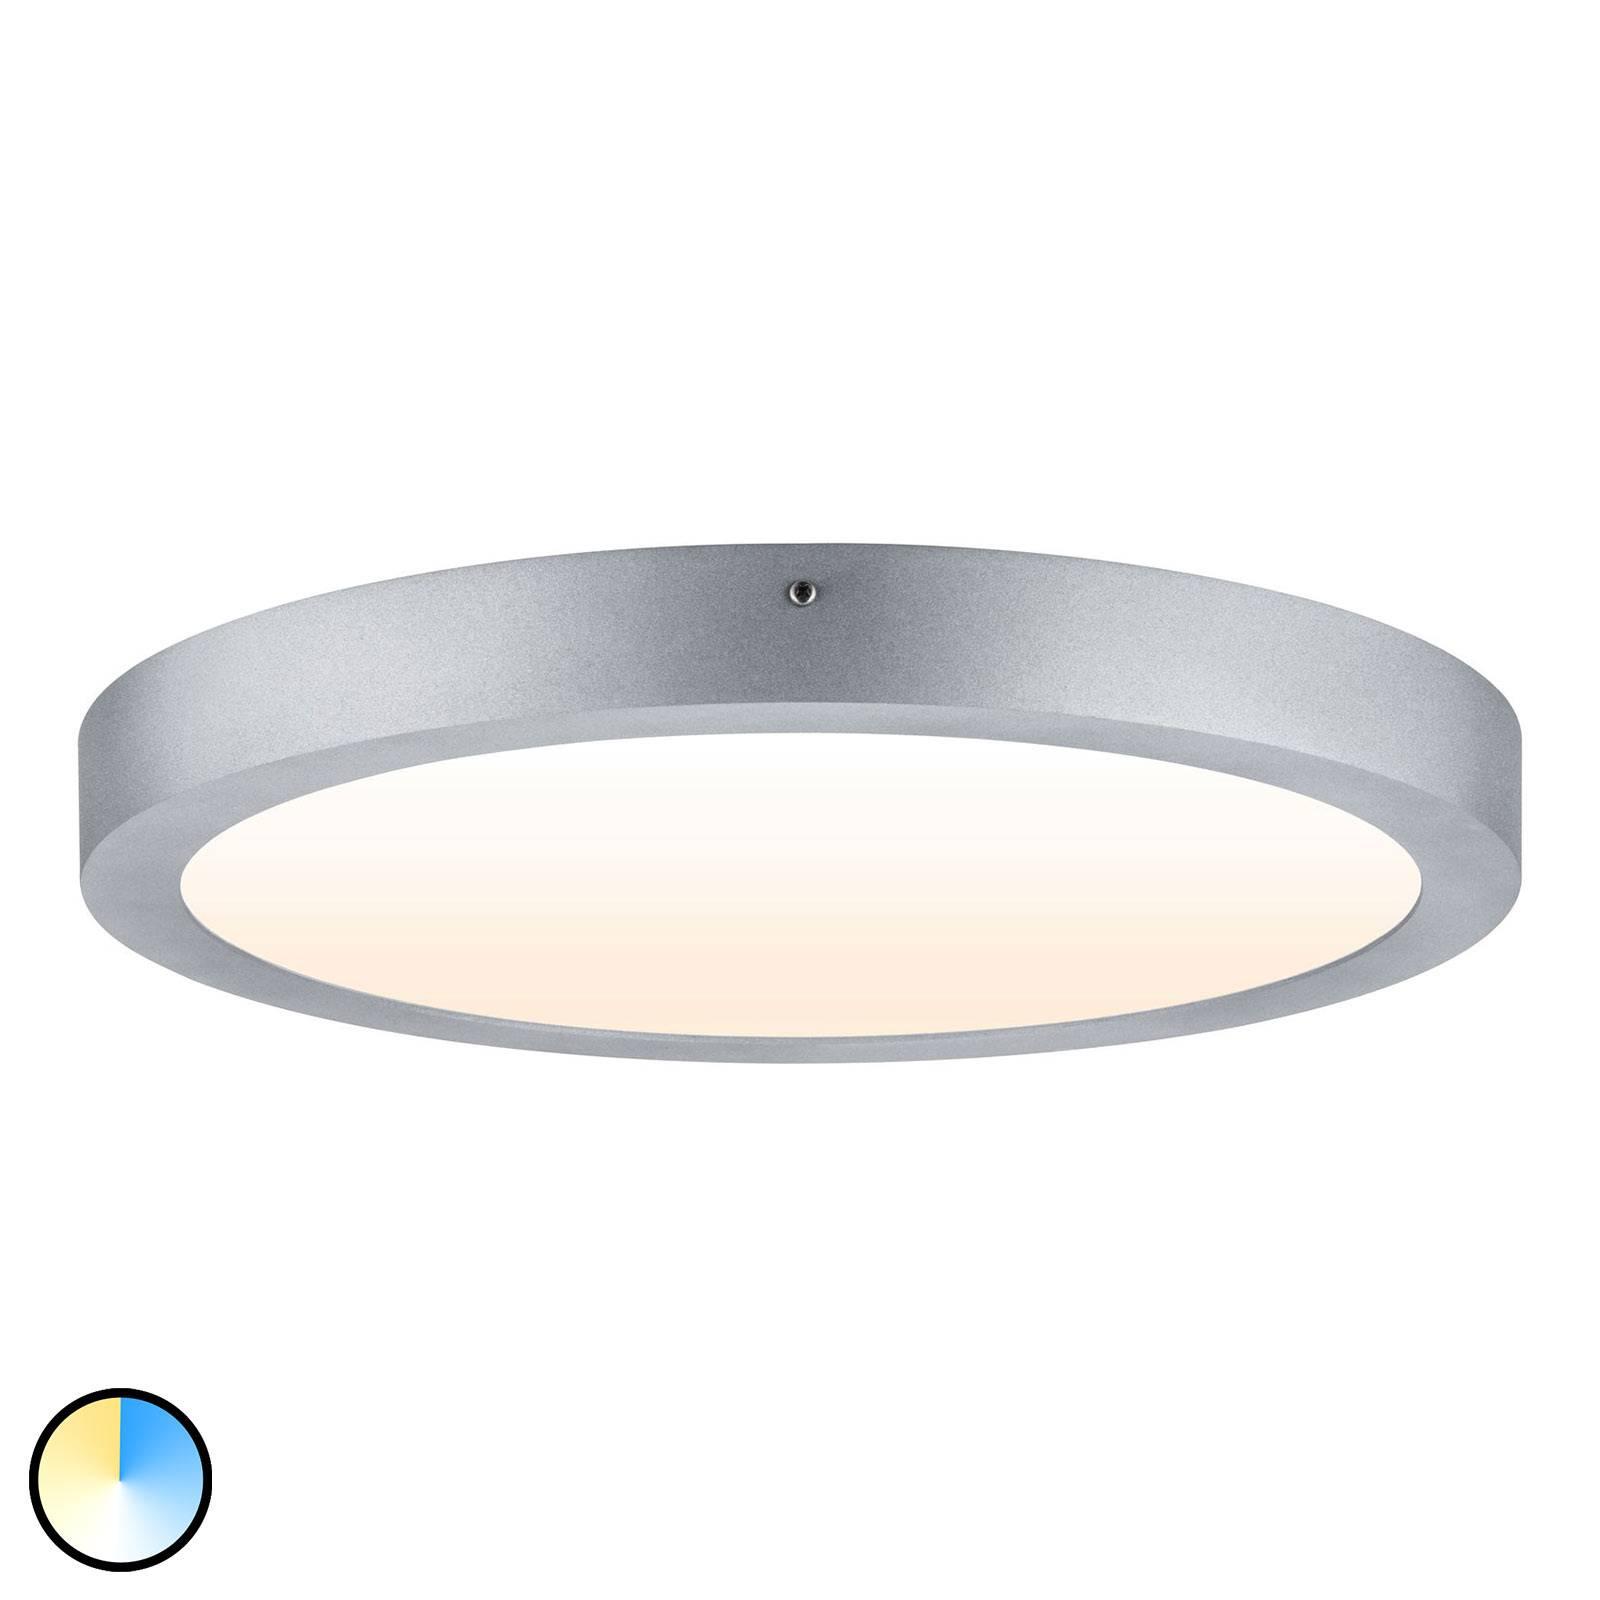 Paulmann Carpo lampa sufitowa LED chrom 40cm